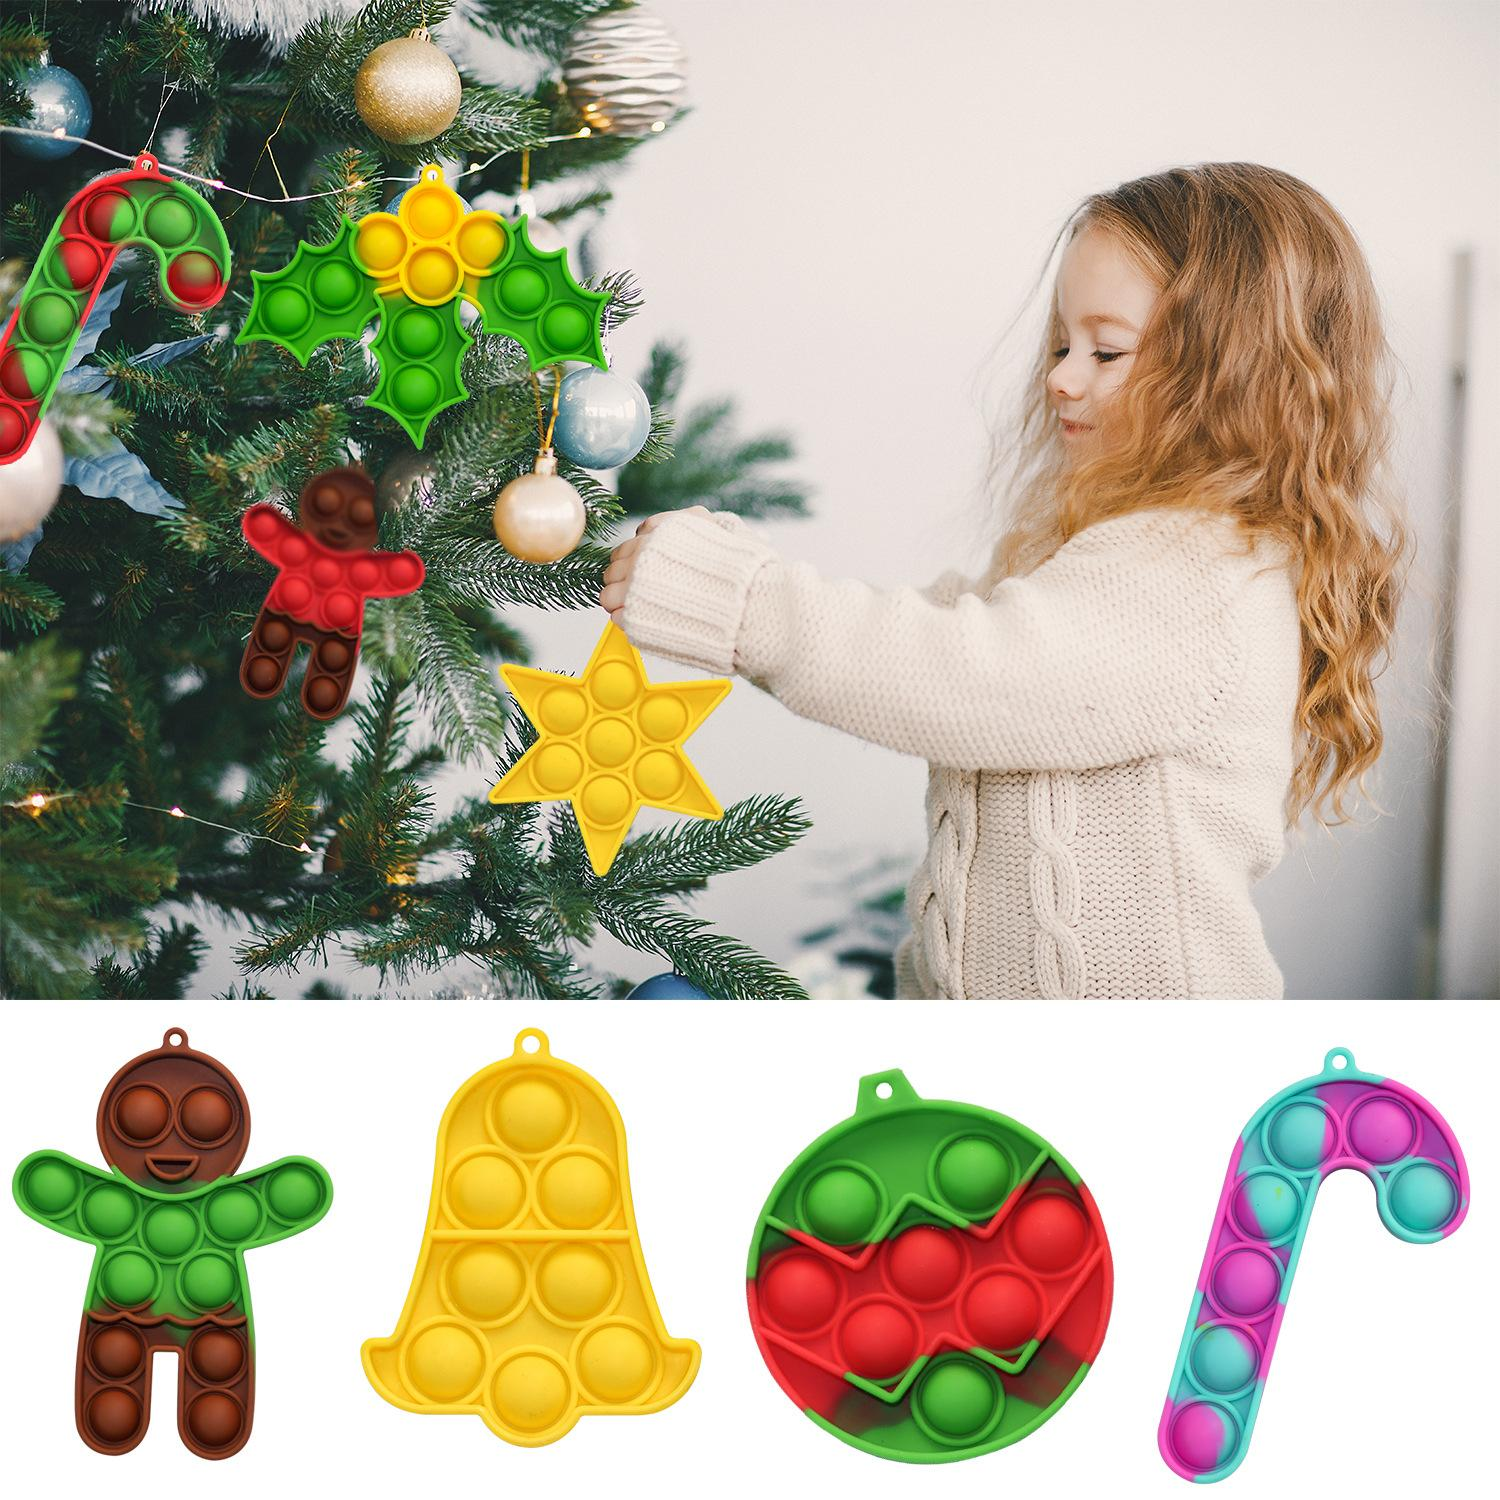 Christmas Fidget Giocattolo Mini Simple Simple Dimple Keychain Push Bubble Decompressione Giocattoli Partito Favore Educativo Adulto Interactive PartyGame Divertente Anti-Stress Regalo di sollievo